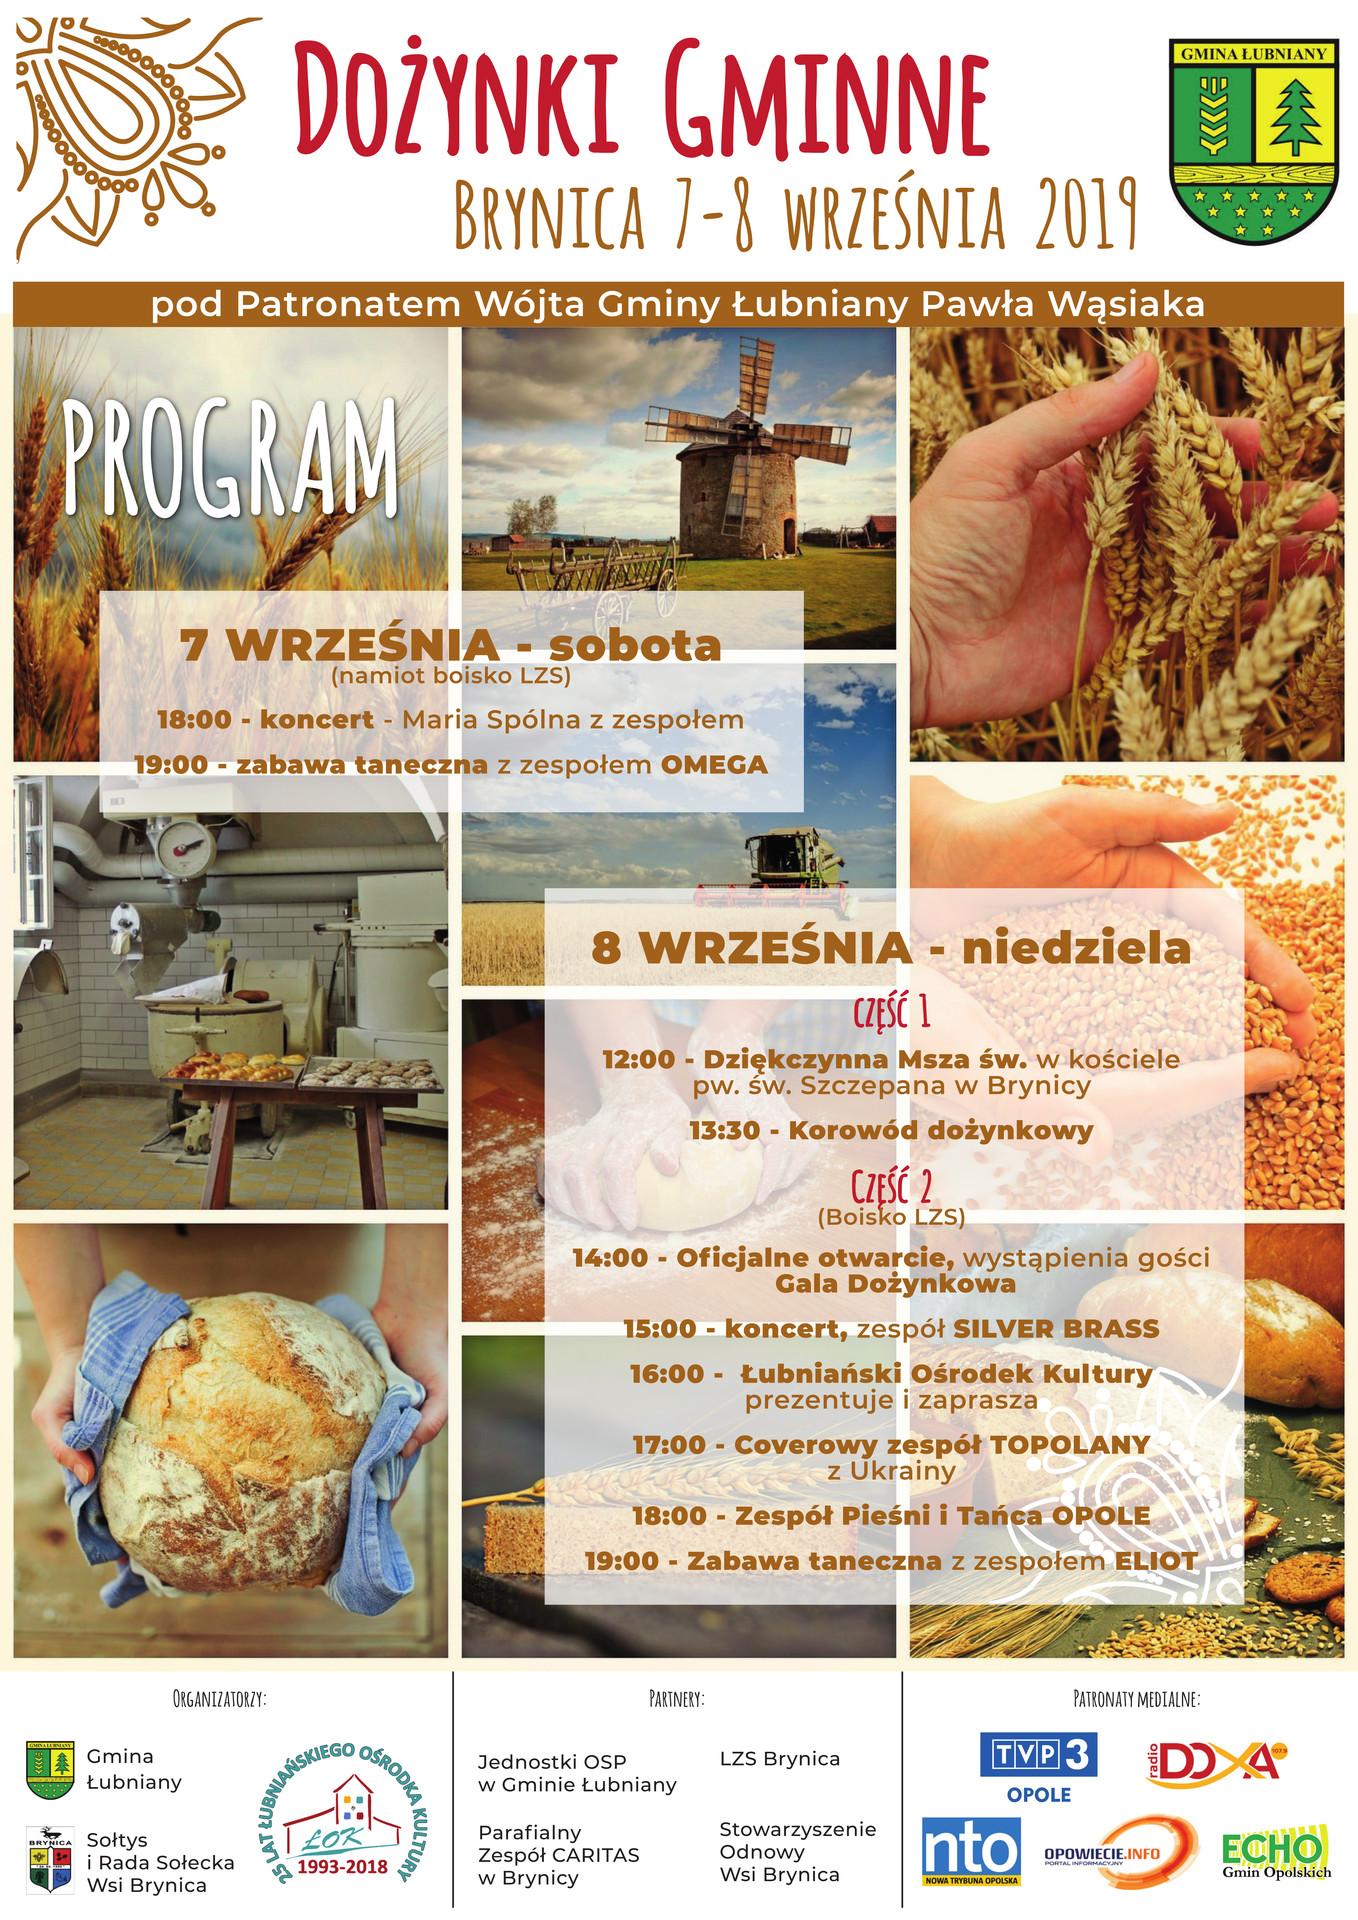 Plakat promujący dożynki gminne, które odbędą się w dniach 7-8 września w Brynicy